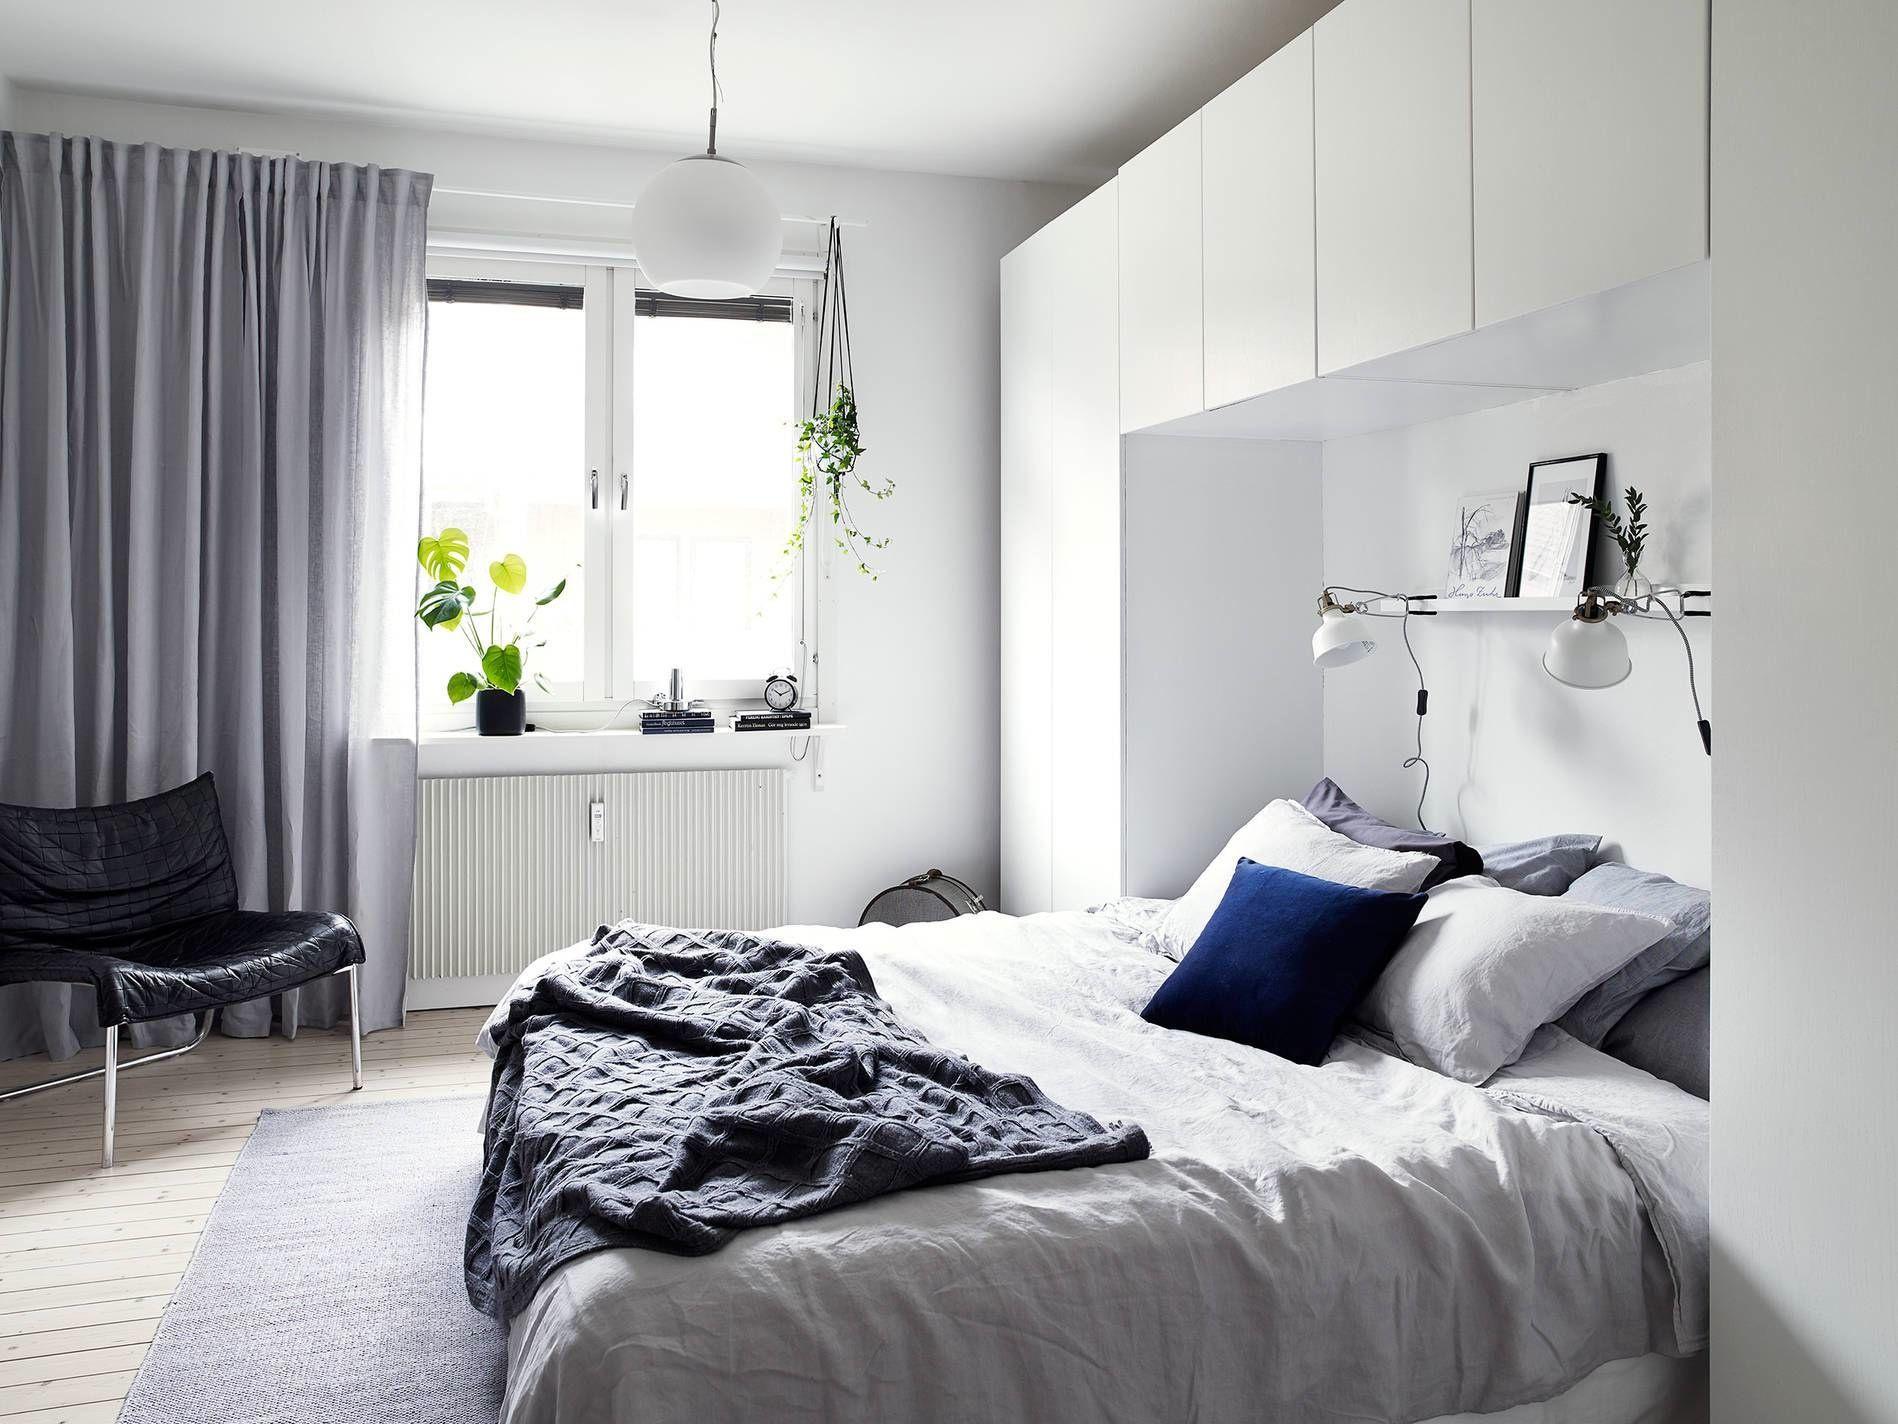 wohnen nach mass ist ein grosses thema viel sinn macht es in sachen stauraum auch f r. Black Bedroom Furniture Sets. Home Design Ideas